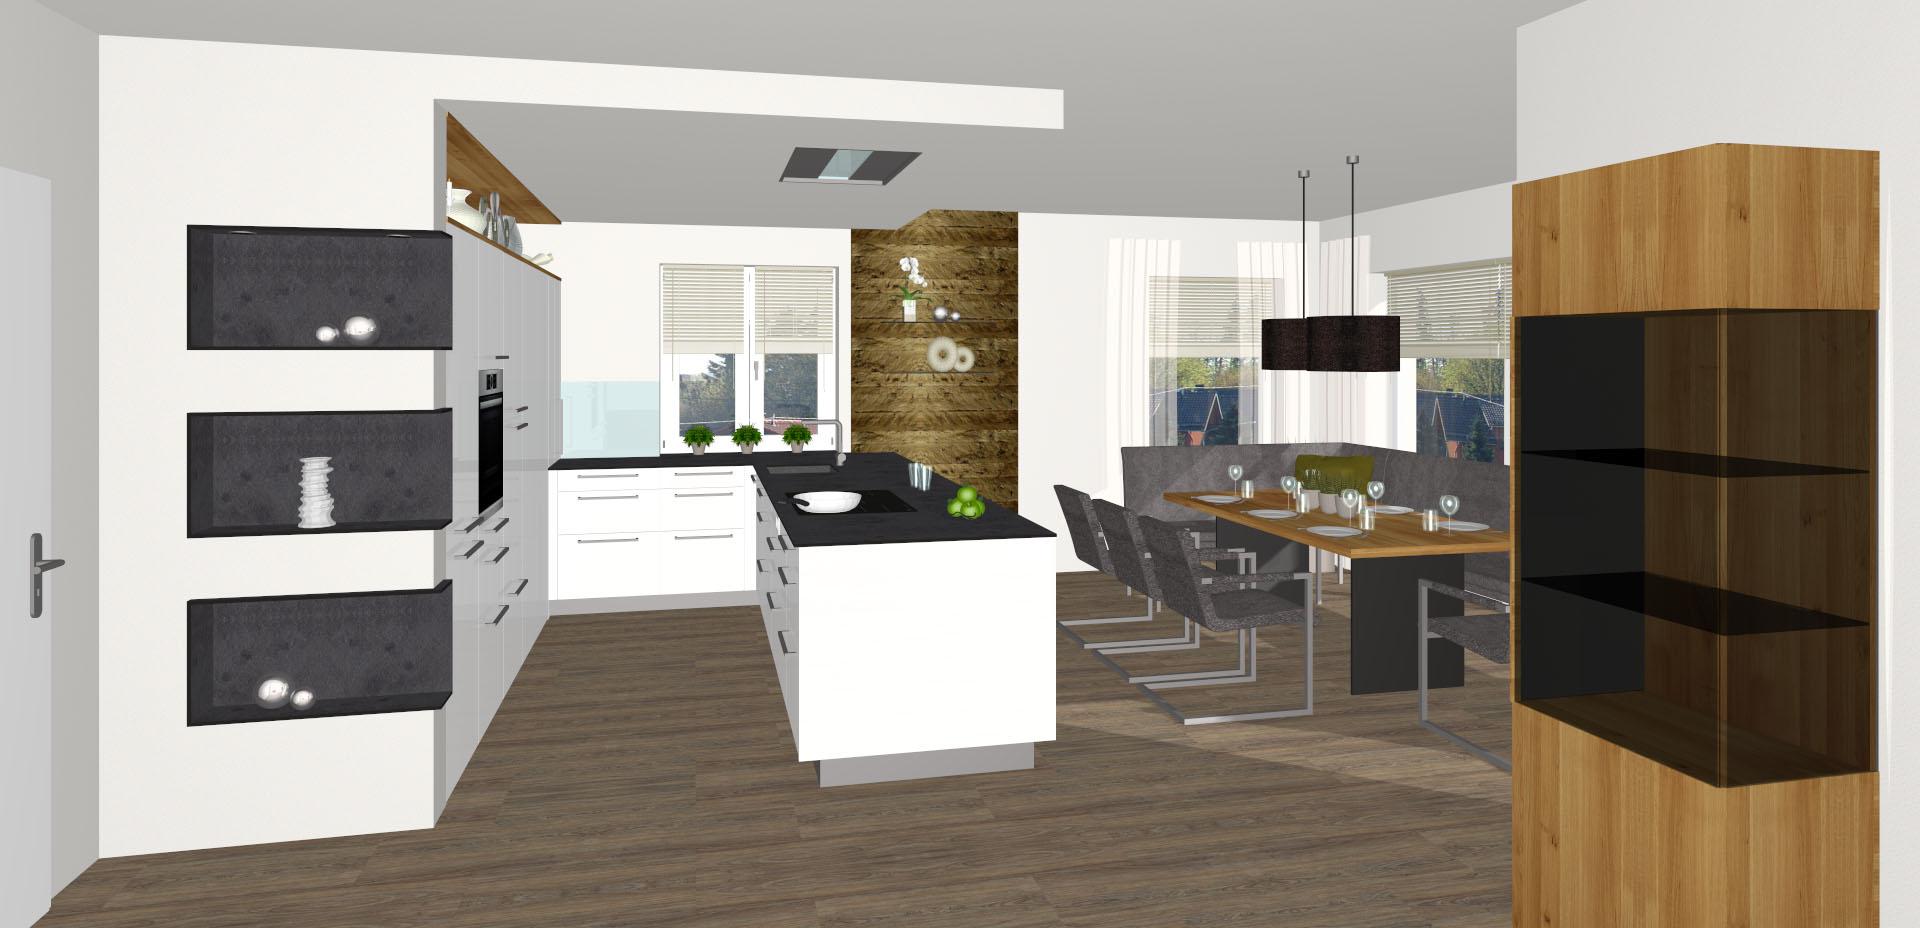 Eckbank Für Küche ist gut design für ihr haus ideen